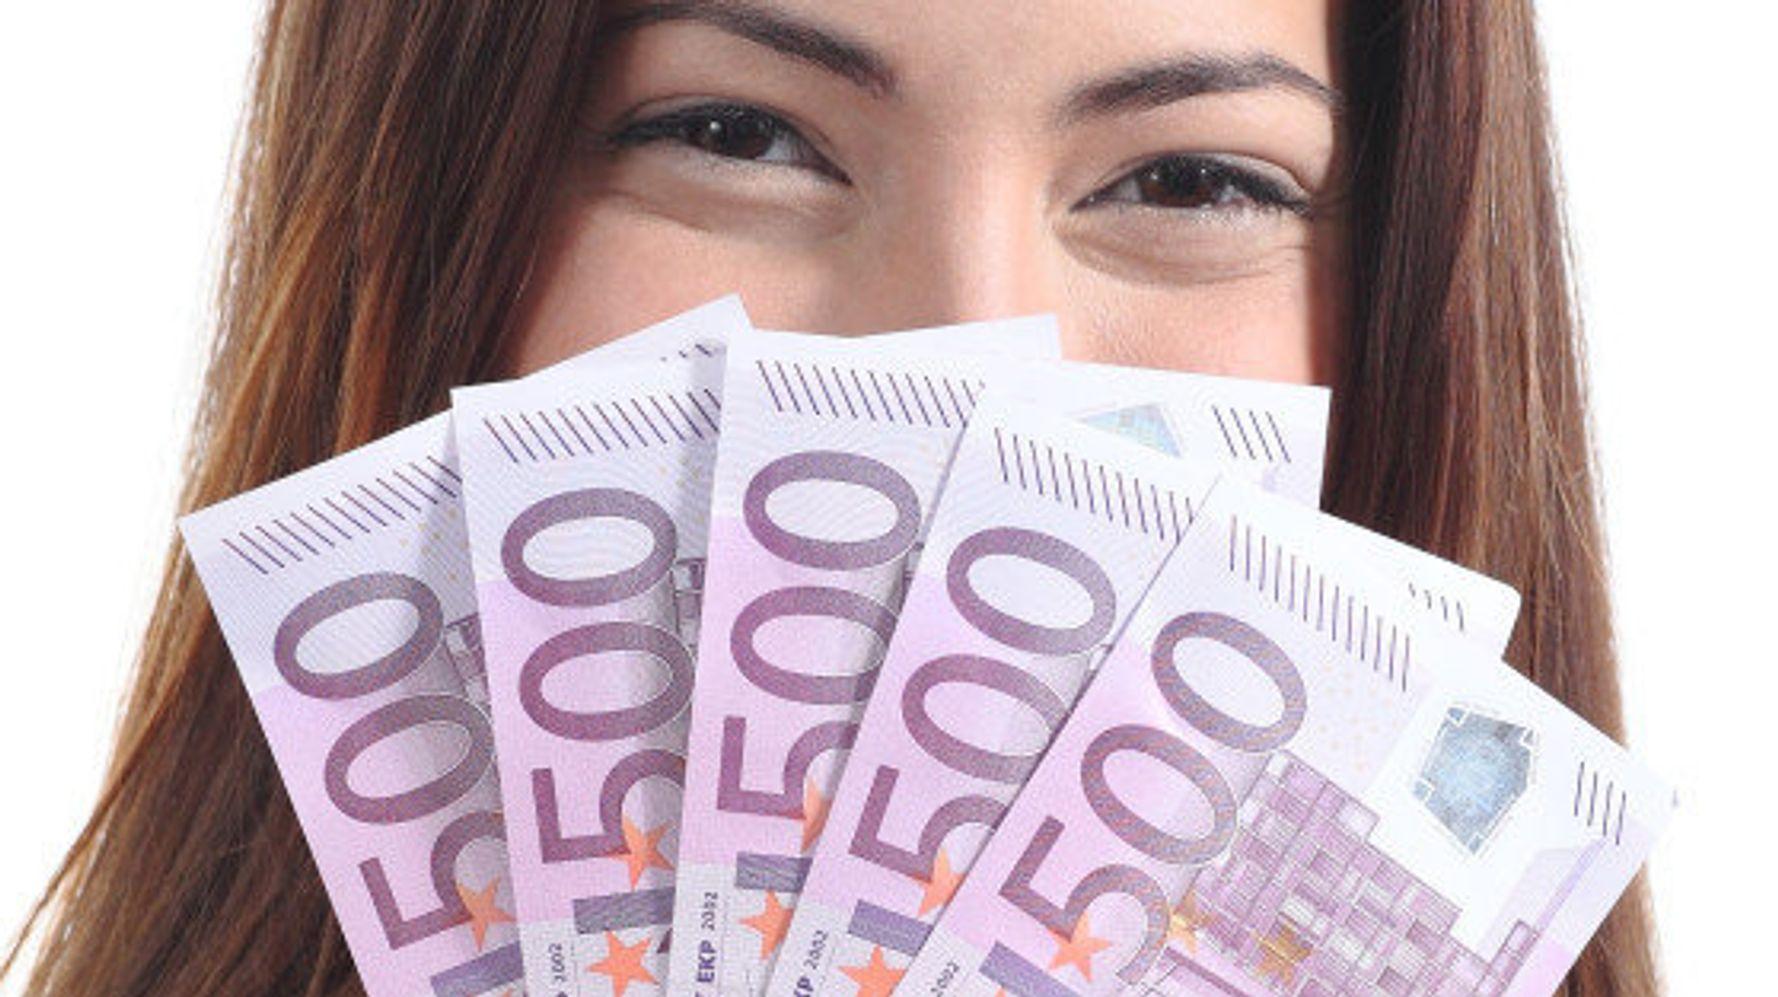 homme cherche femme contre argent)